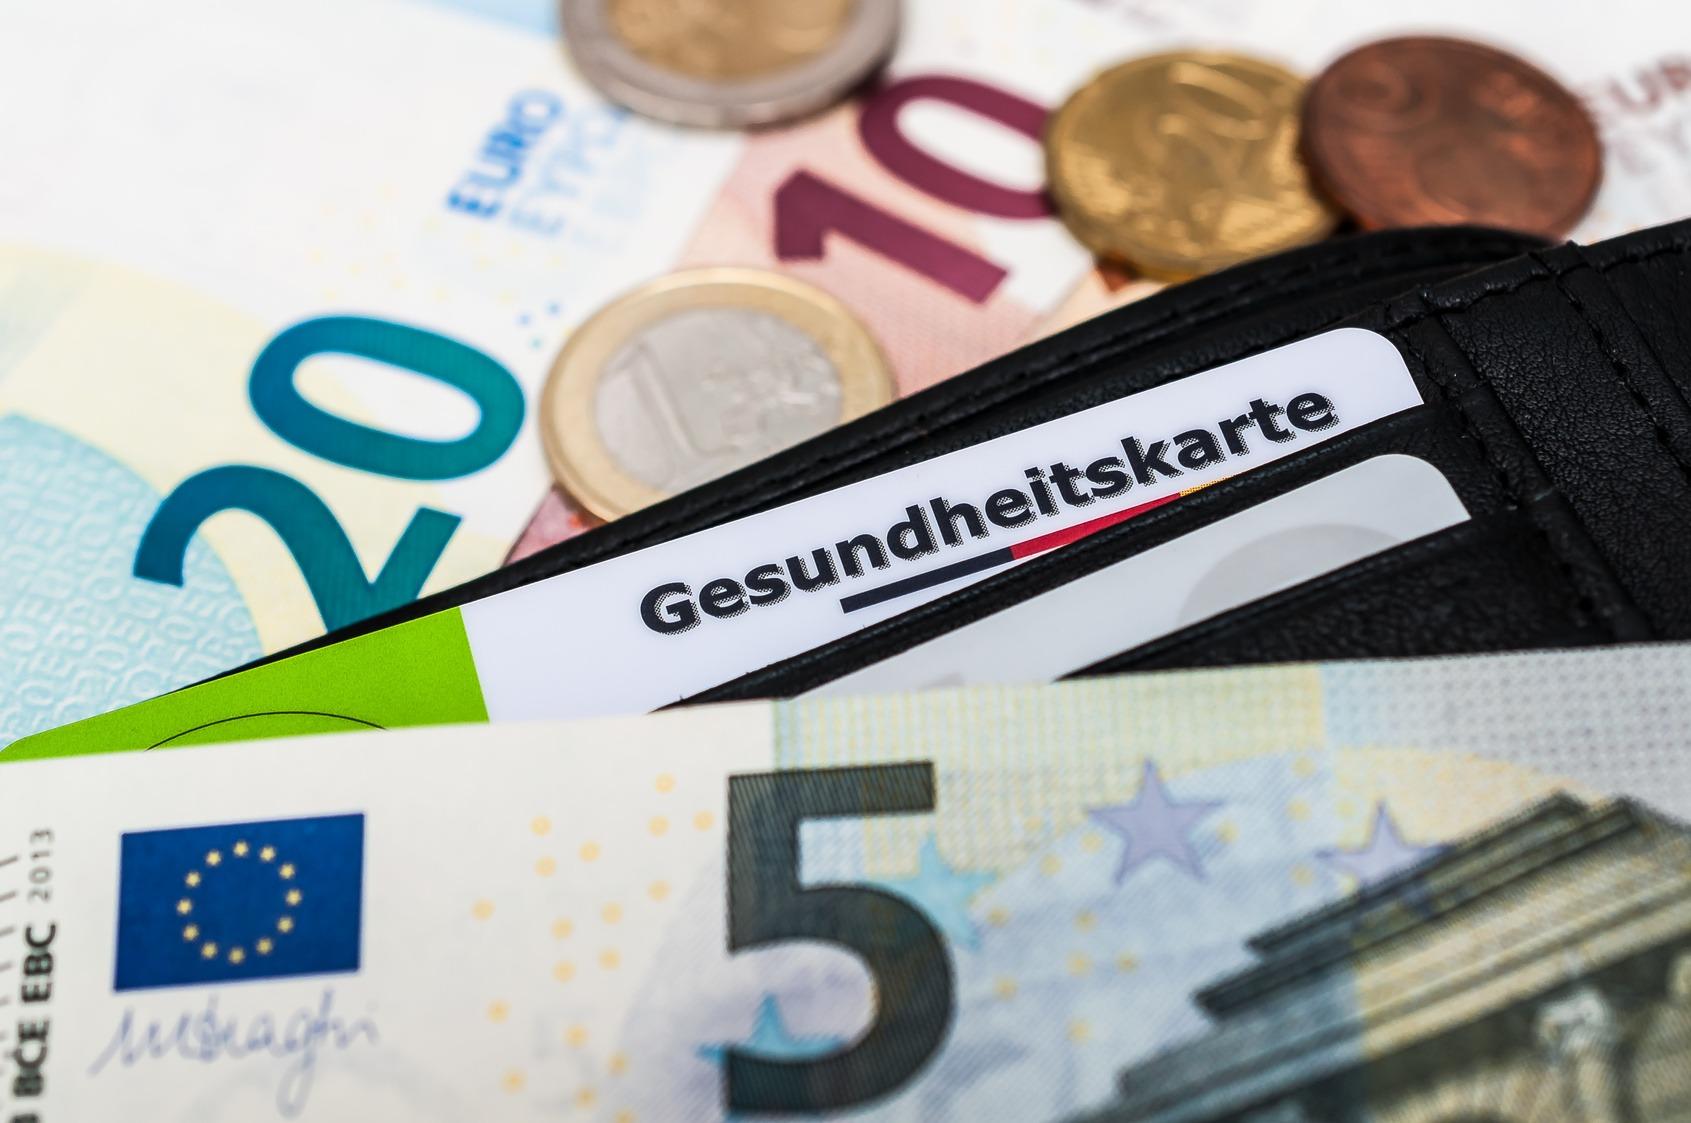 Zu sehen ist eine Gesundheitskarte einer Krankenversicherung, die in einem Kartenfach eines Geldbeutels steckt. Um den Geldbeutel herum liegen Euroscheine und Münzen.